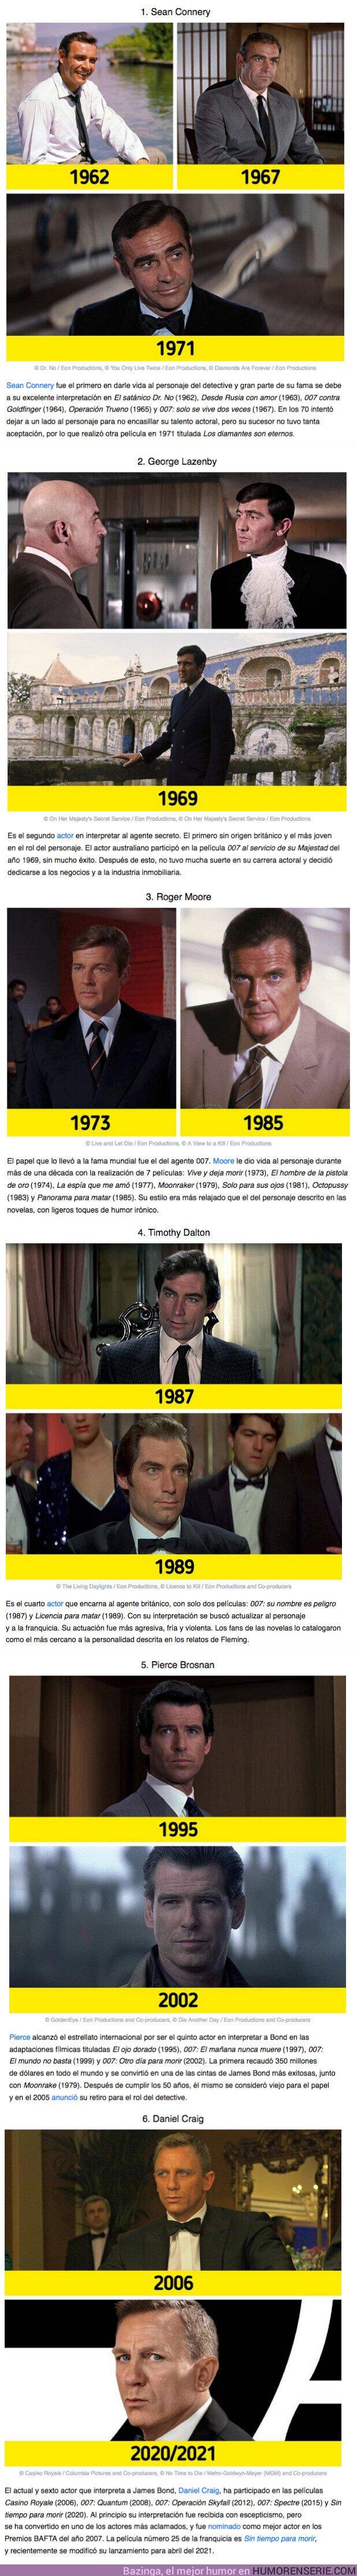 61412 - GALERÍA: 8 Actores que han interpretado a James Bond y su evolución en la pantalla grande